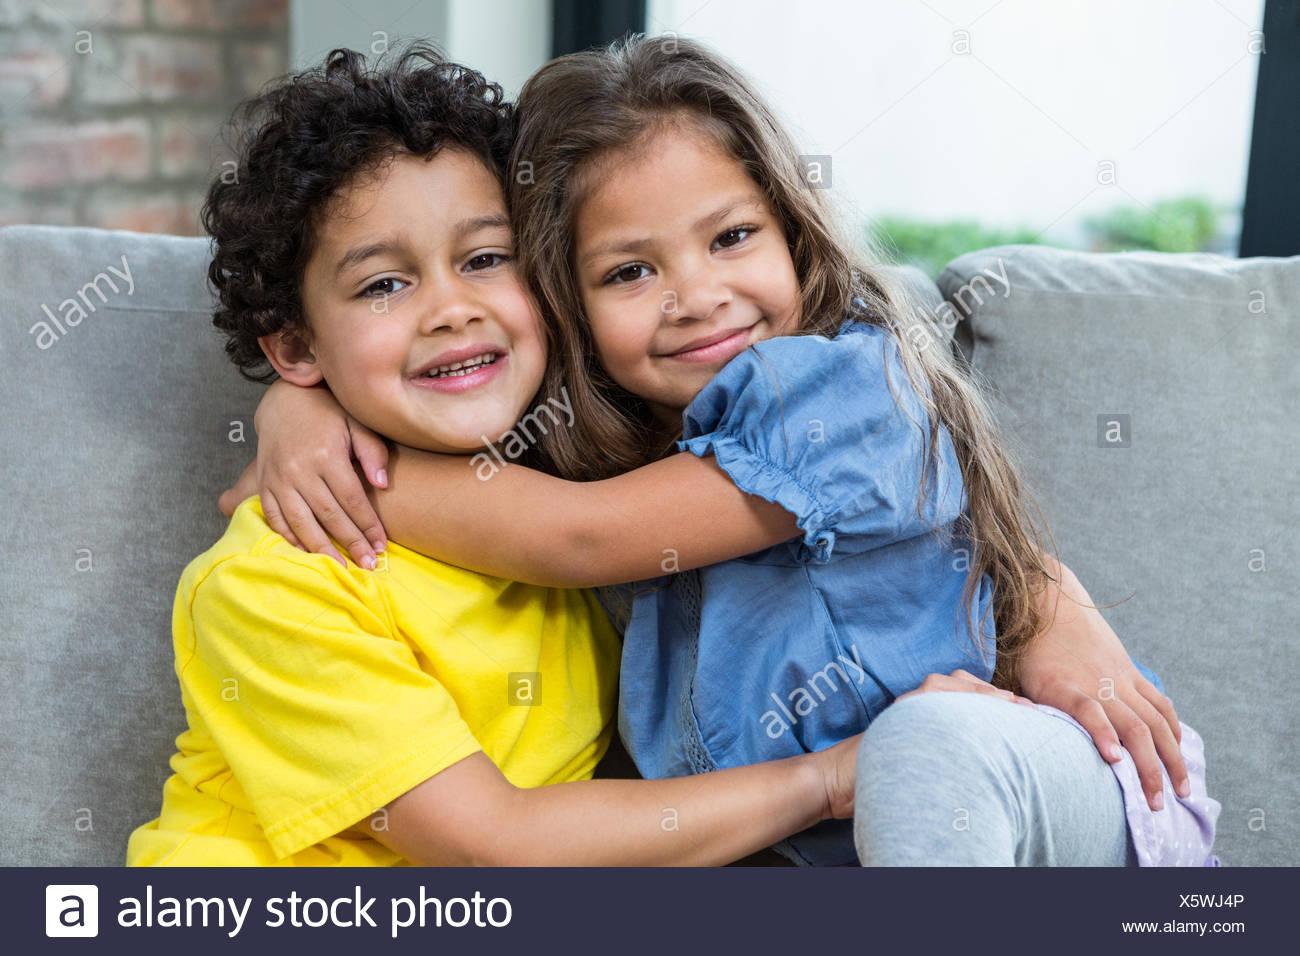 cute siblings hugging stock photo 279002214 alamy